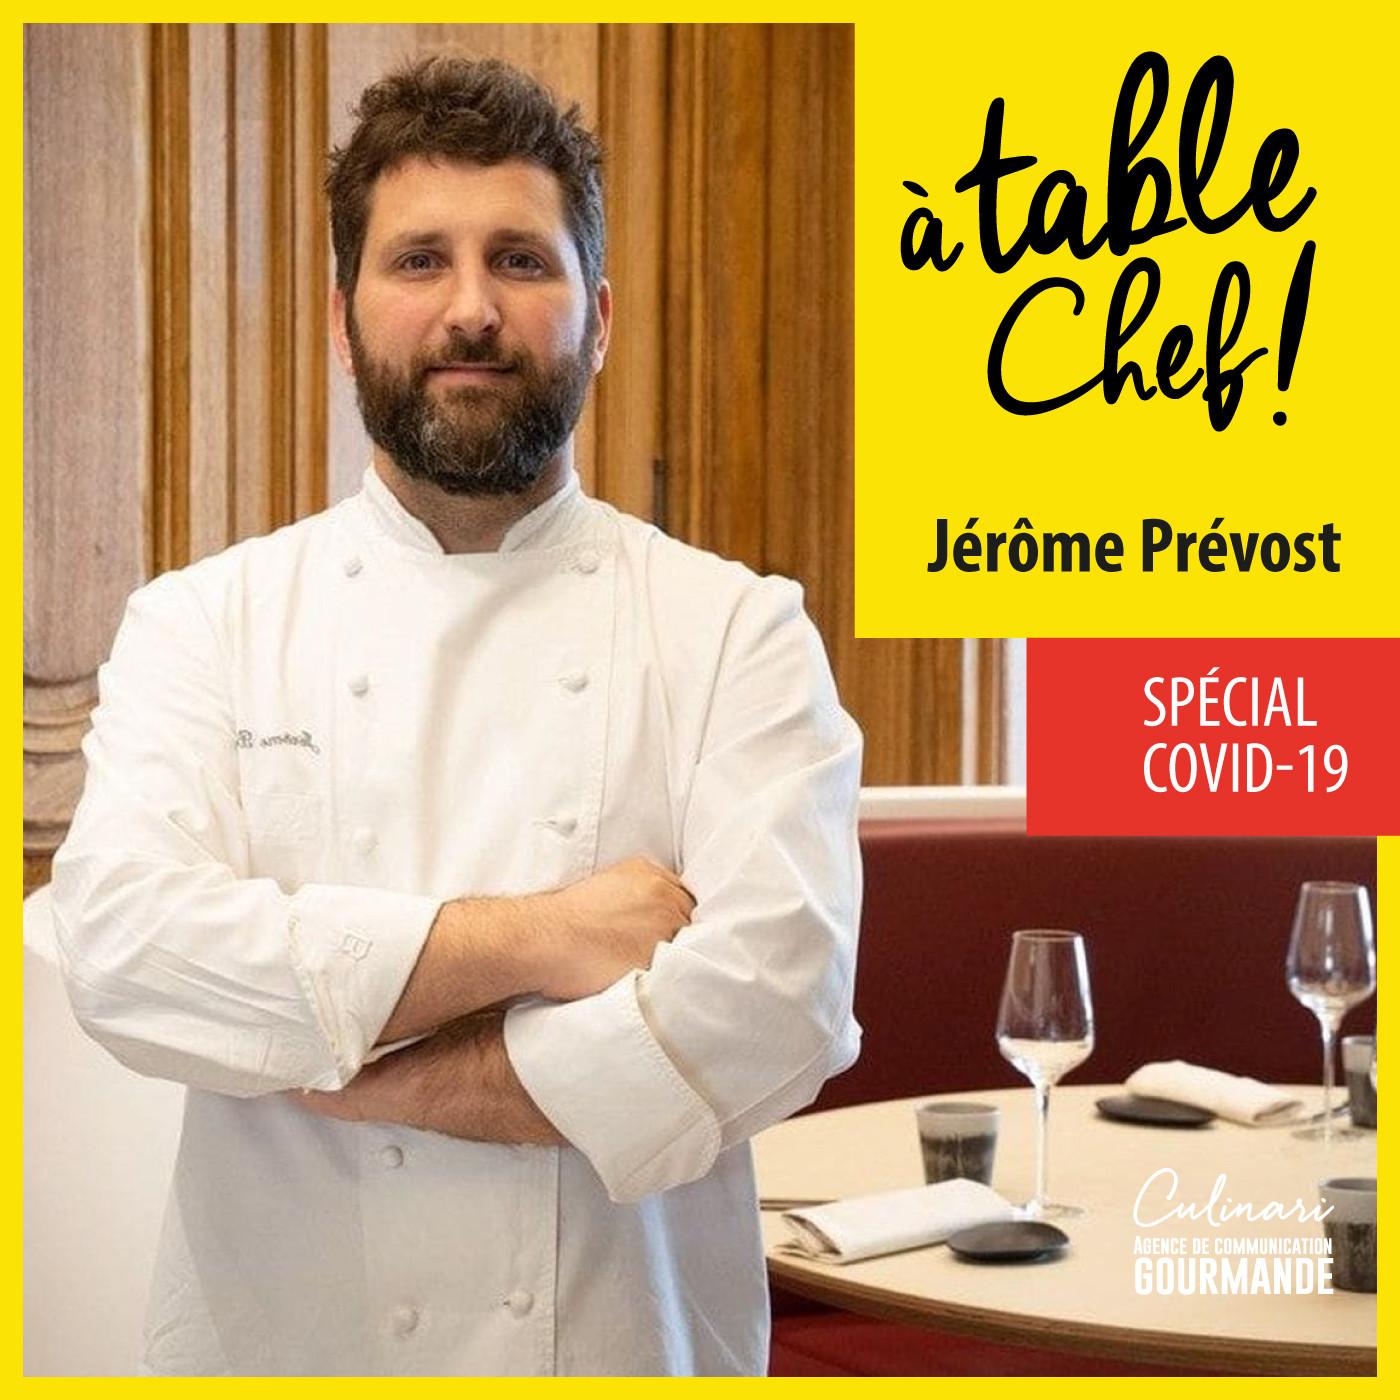 Chef Jérôme Prévost